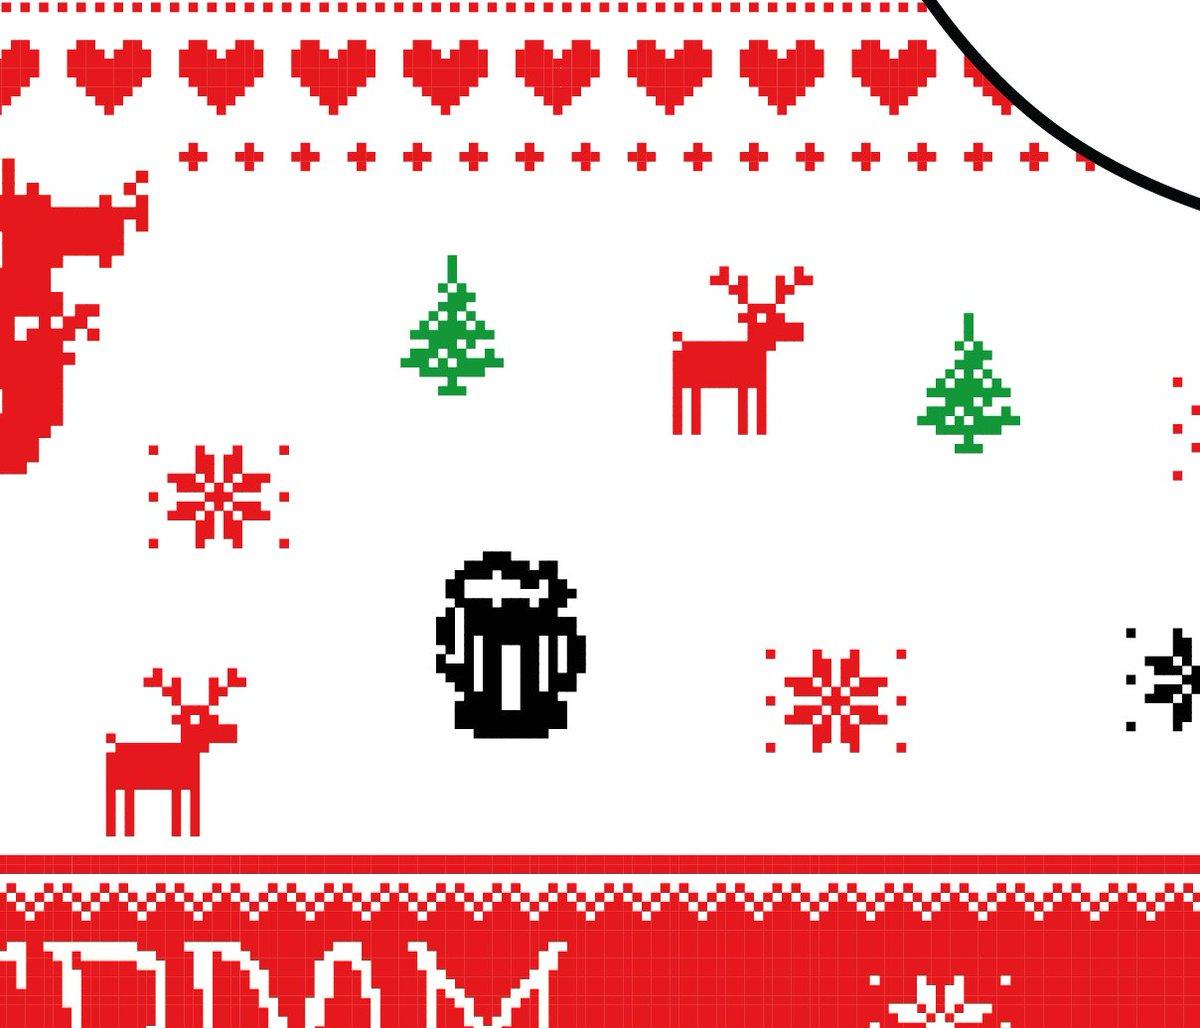 Kersttrui Dab.Frfc1908 On Twitter Foute Kersttrui In Ontwikkeling Maar Dan Ook